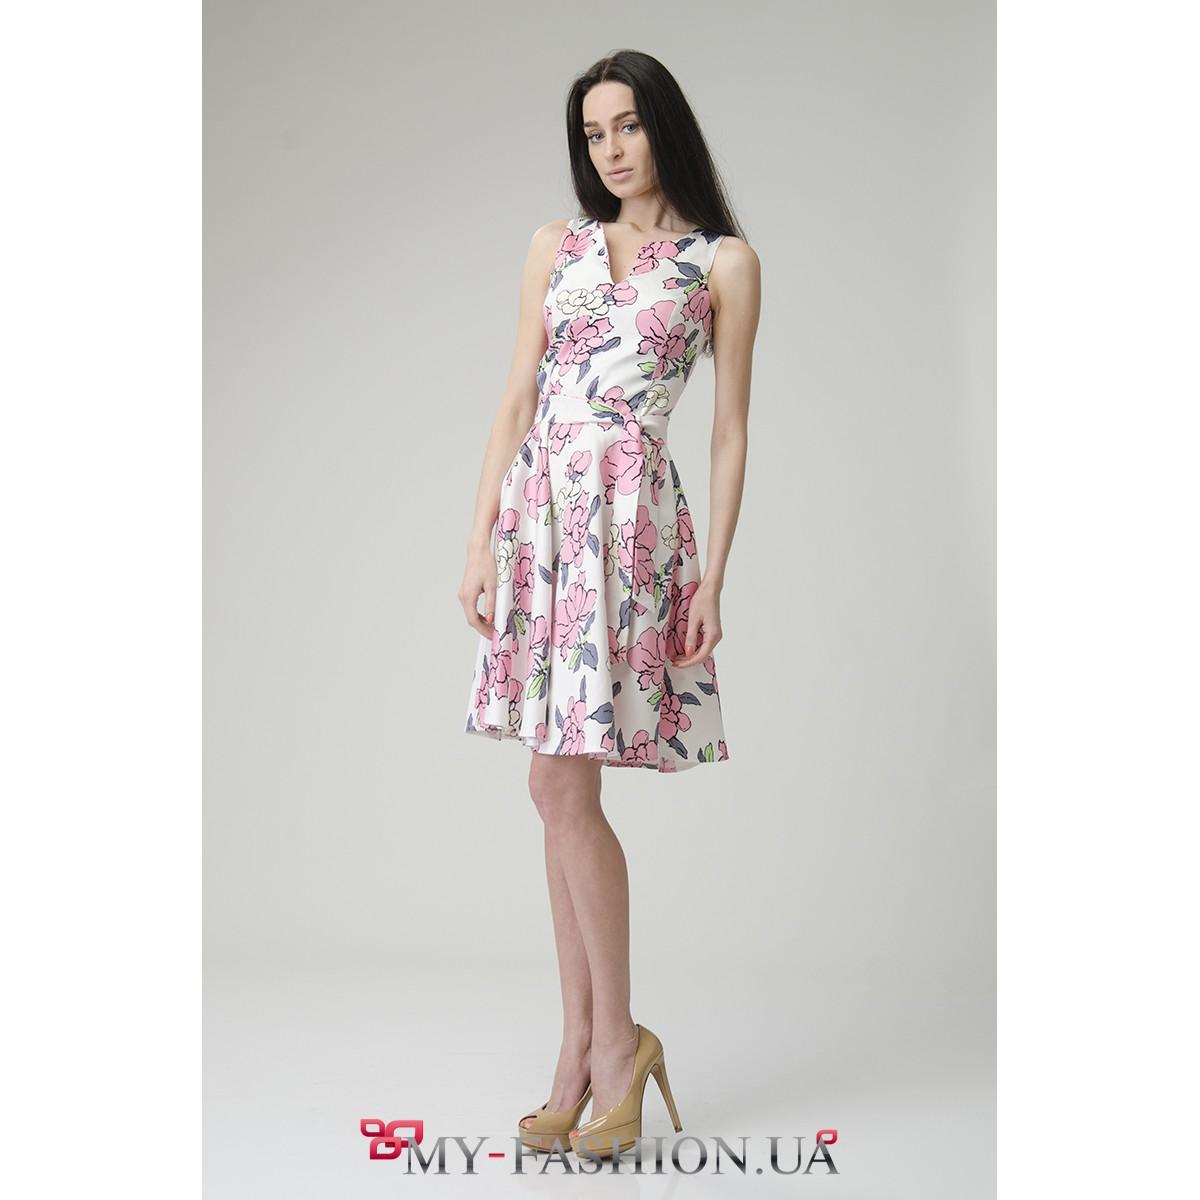 Короткие пышные платья с доставкой